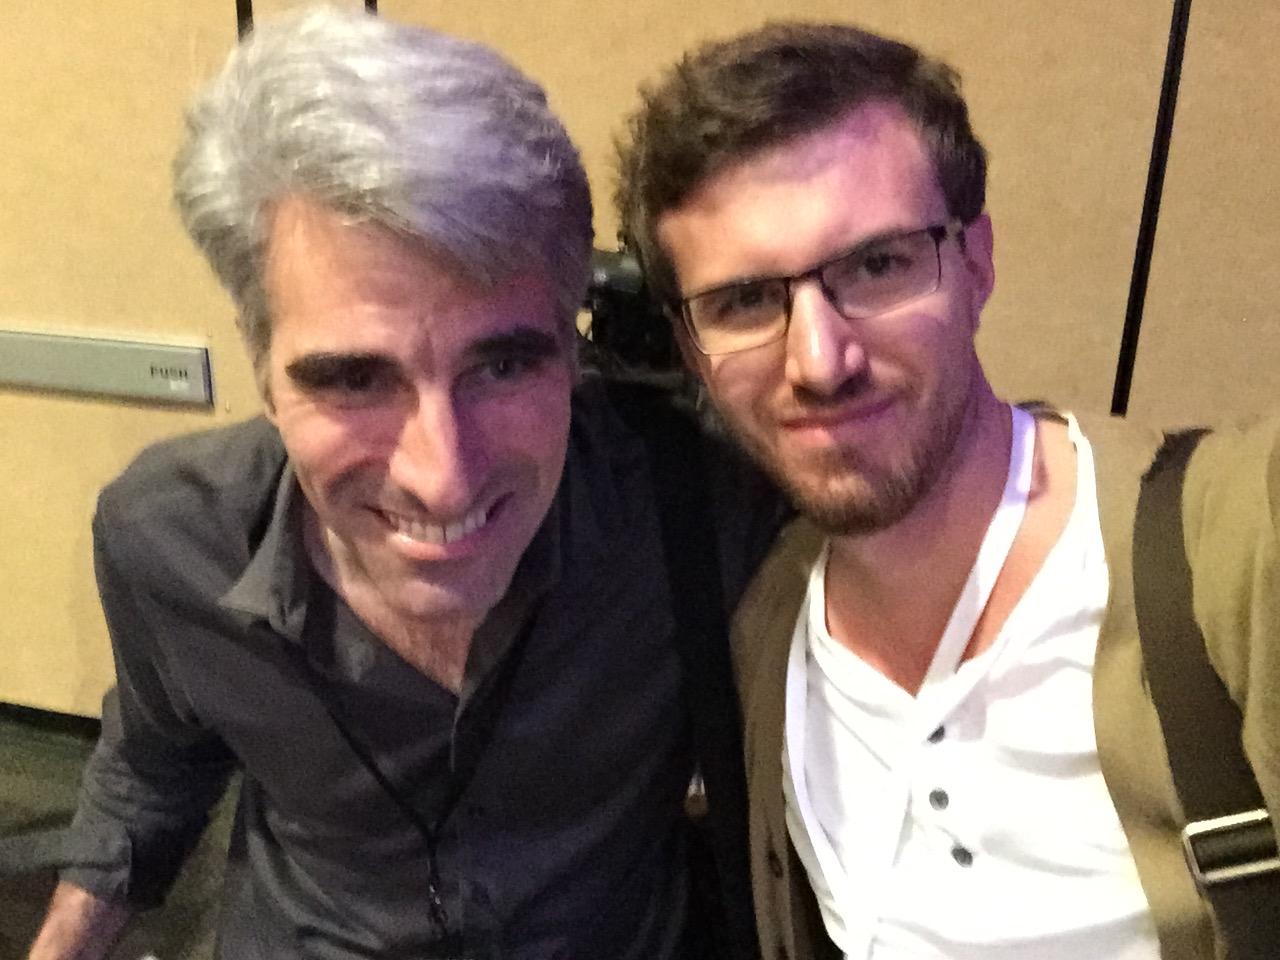 With Craig Federighi